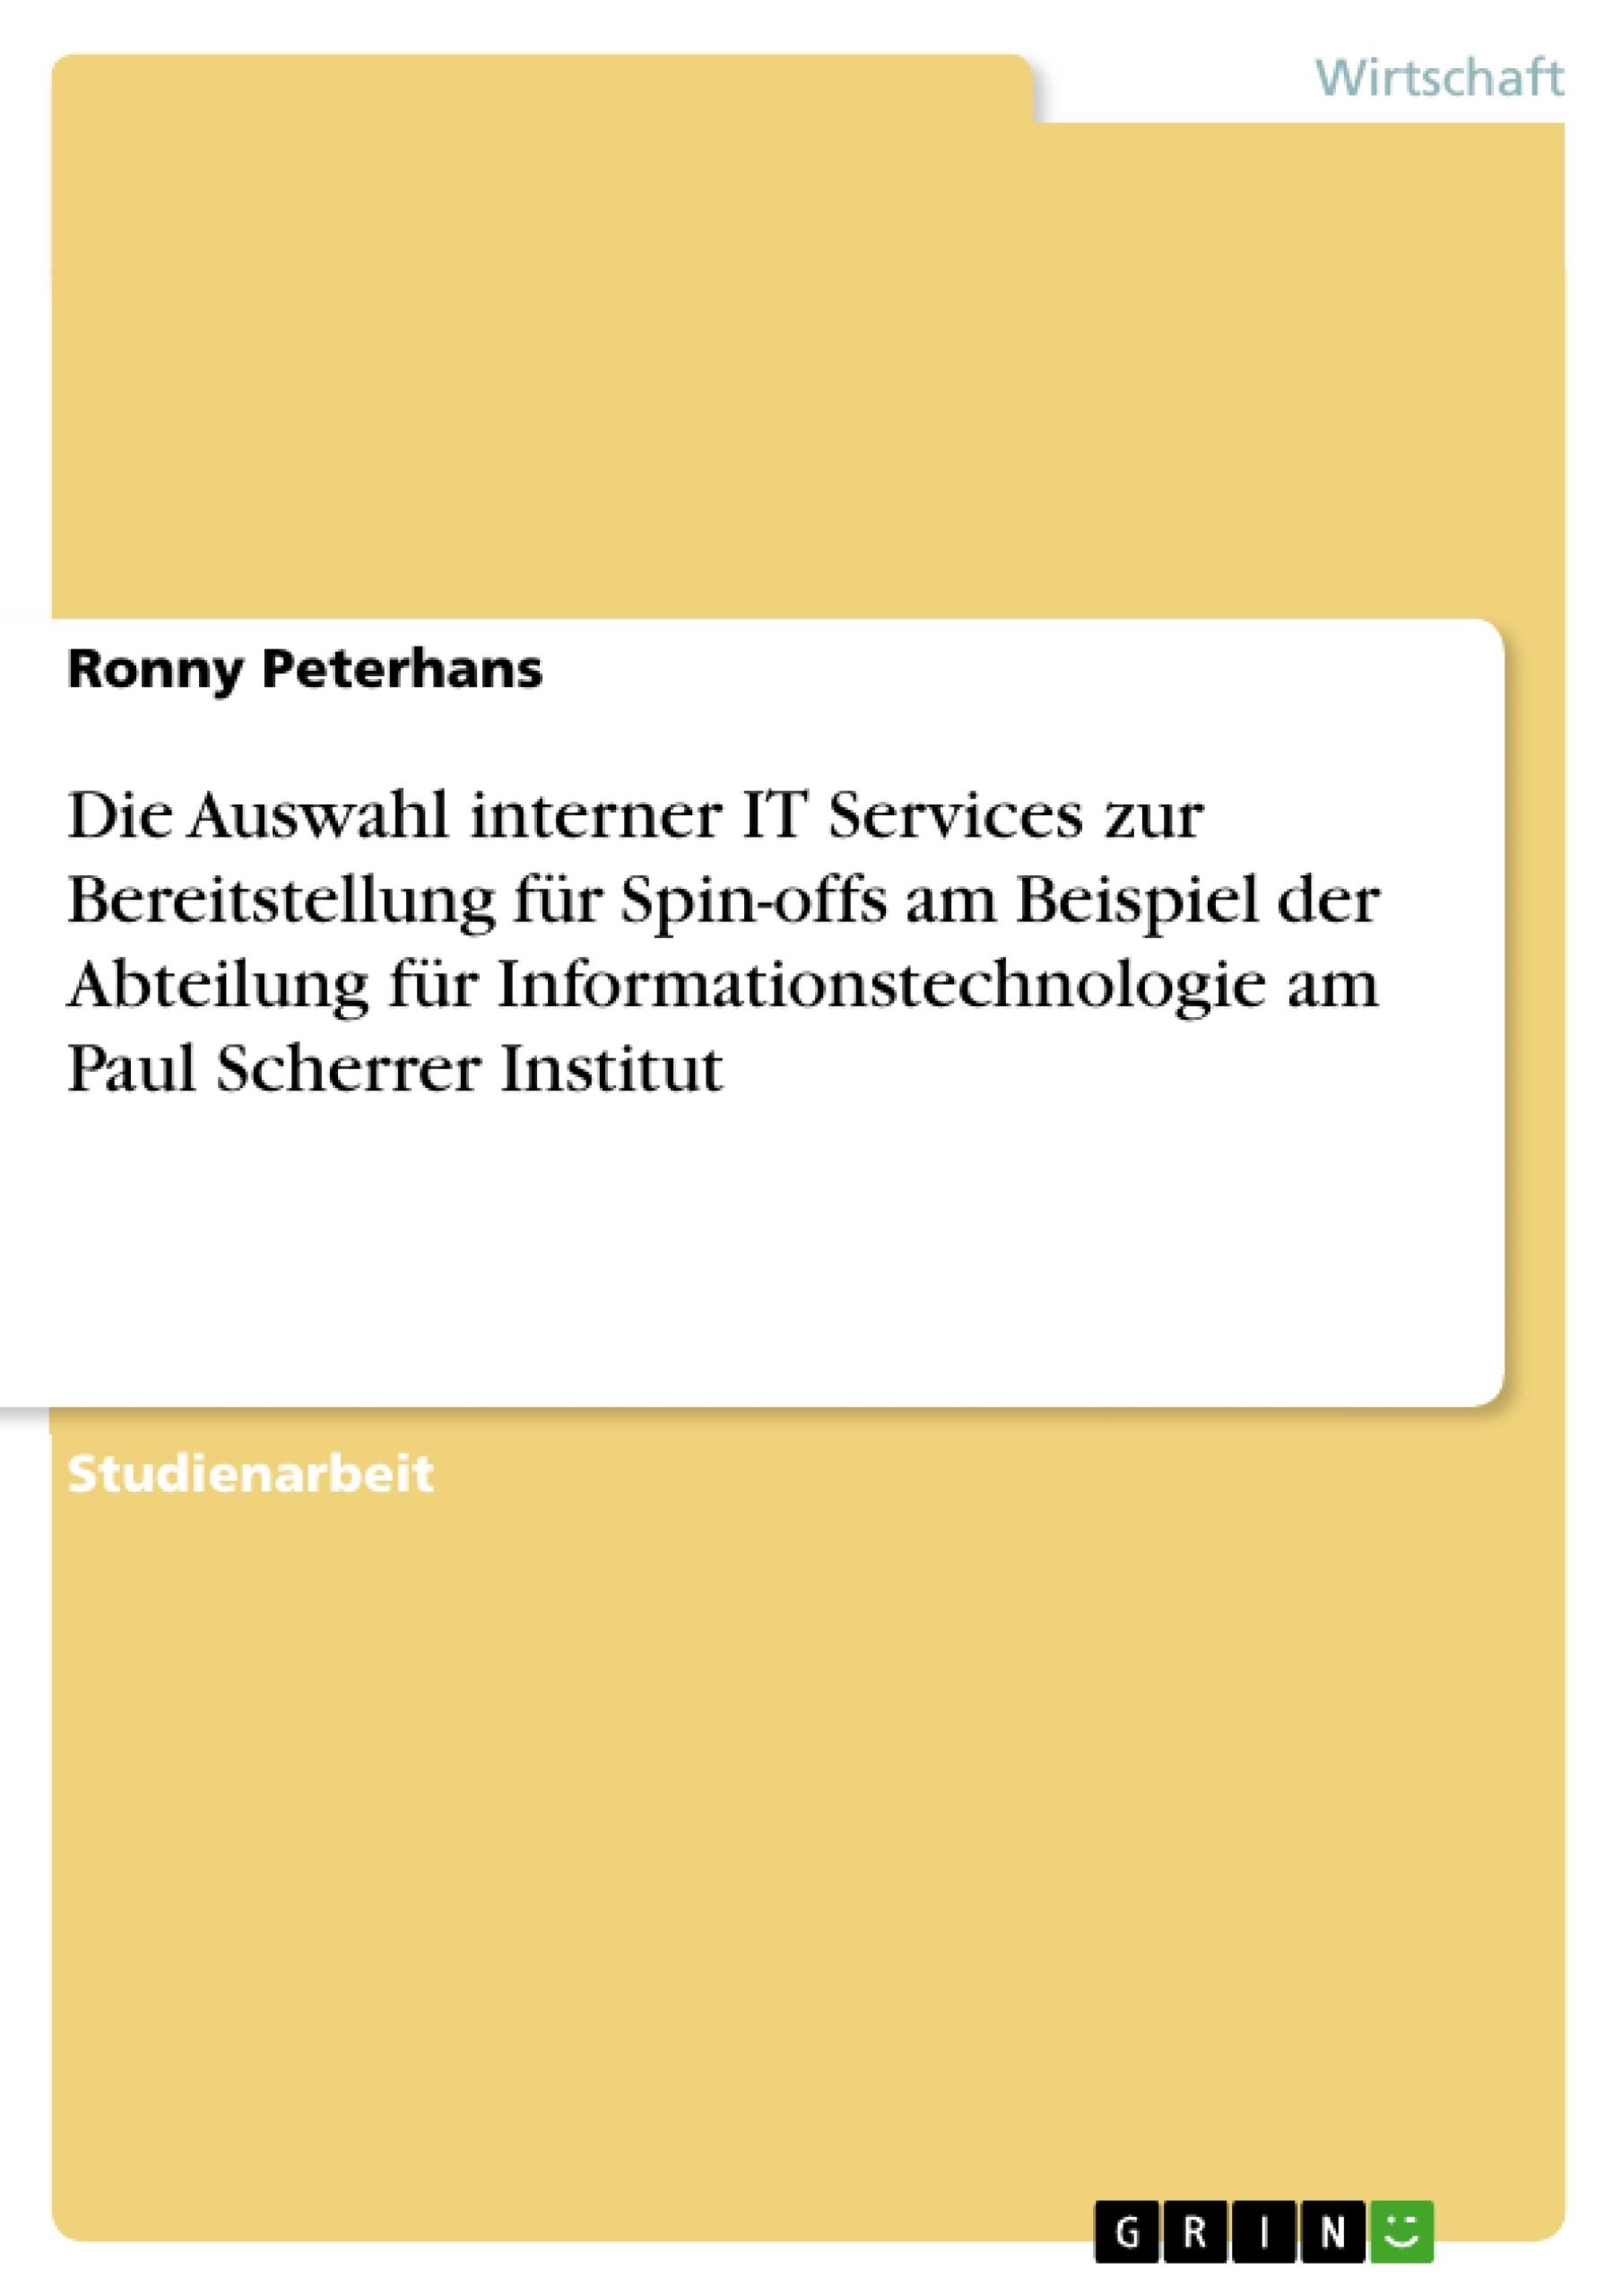 Titel: Die Auswahl interner IT Services zur Bereitstellung für Spin-offs am Beispiel der Abteilung für Informationstechnologie am Paul Scherrer Institut